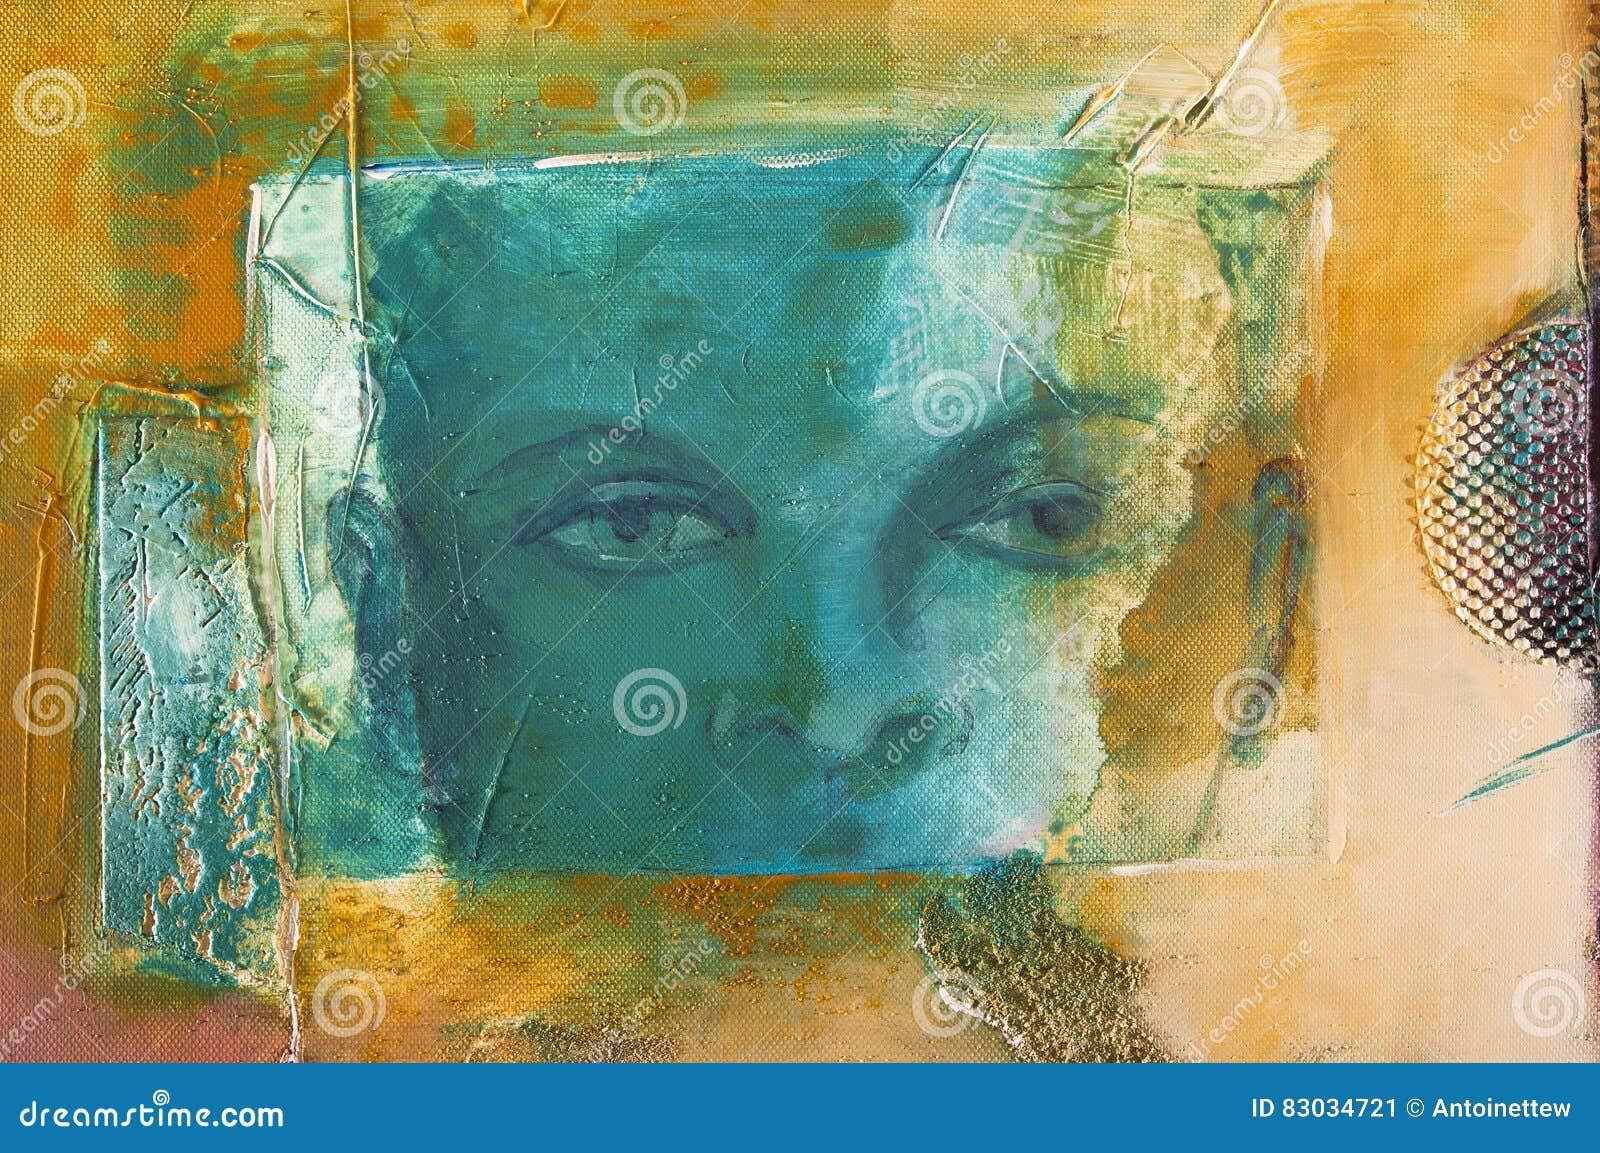 Detalle de una pintura de acrílico abstracta moderna con una cara ficticia